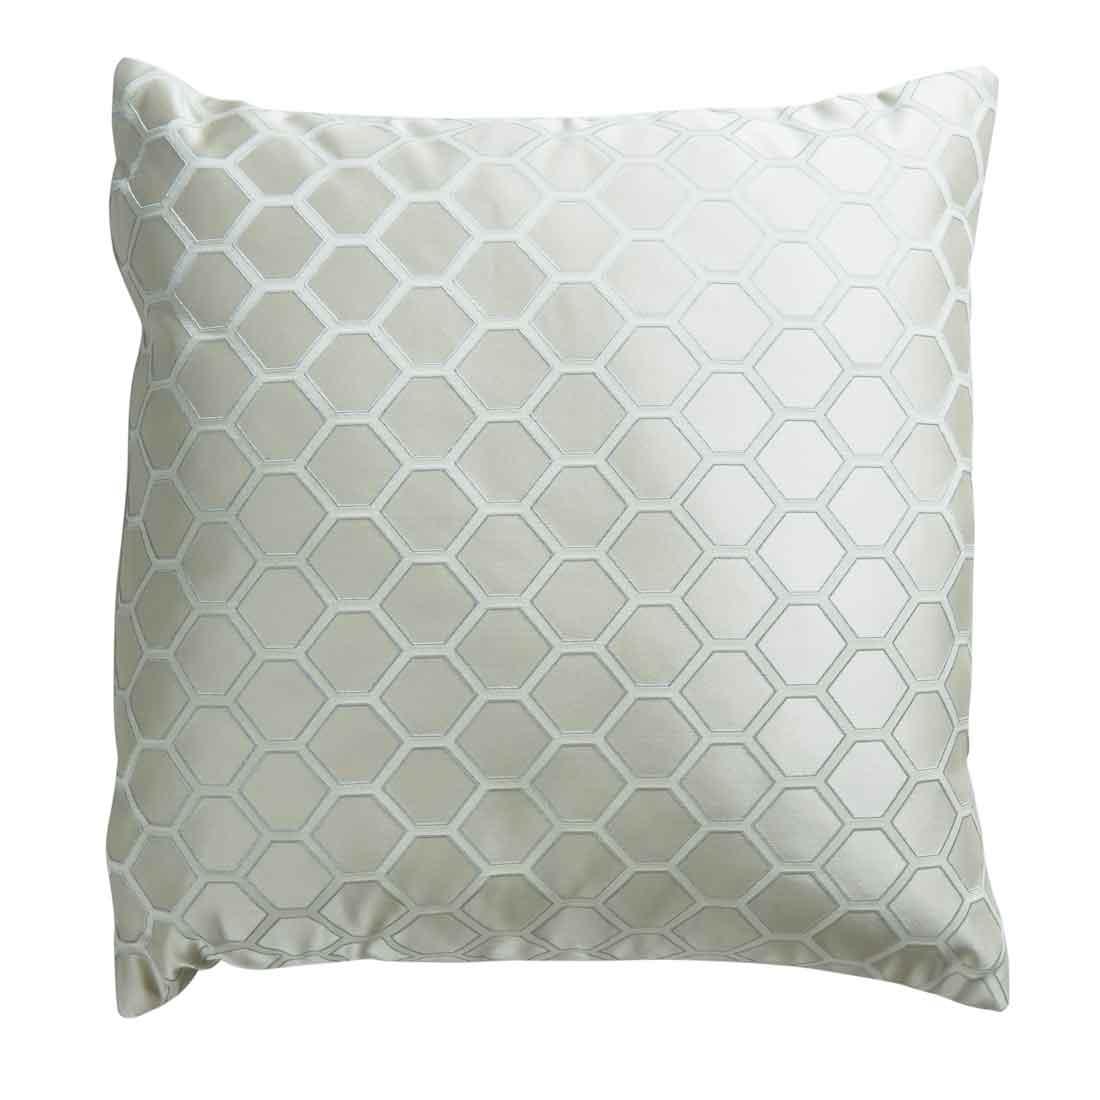 Malibu Sand Cushion